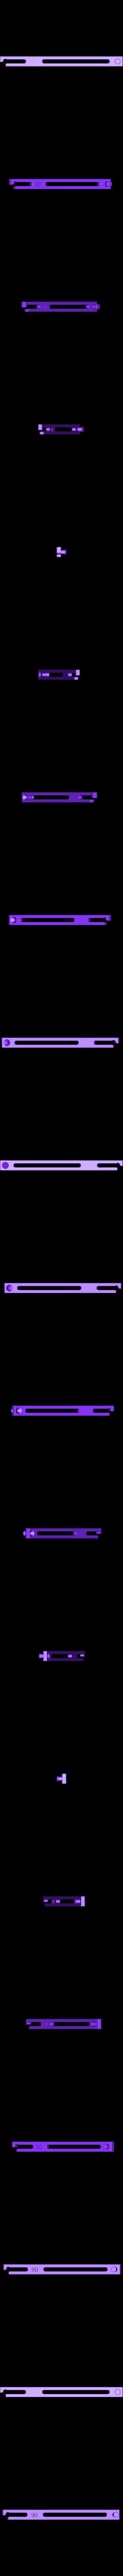 snapStick_90mm.stl Download free STL file Snap Stick, Bar, Interlocking, Math • 3D print model, LGBU